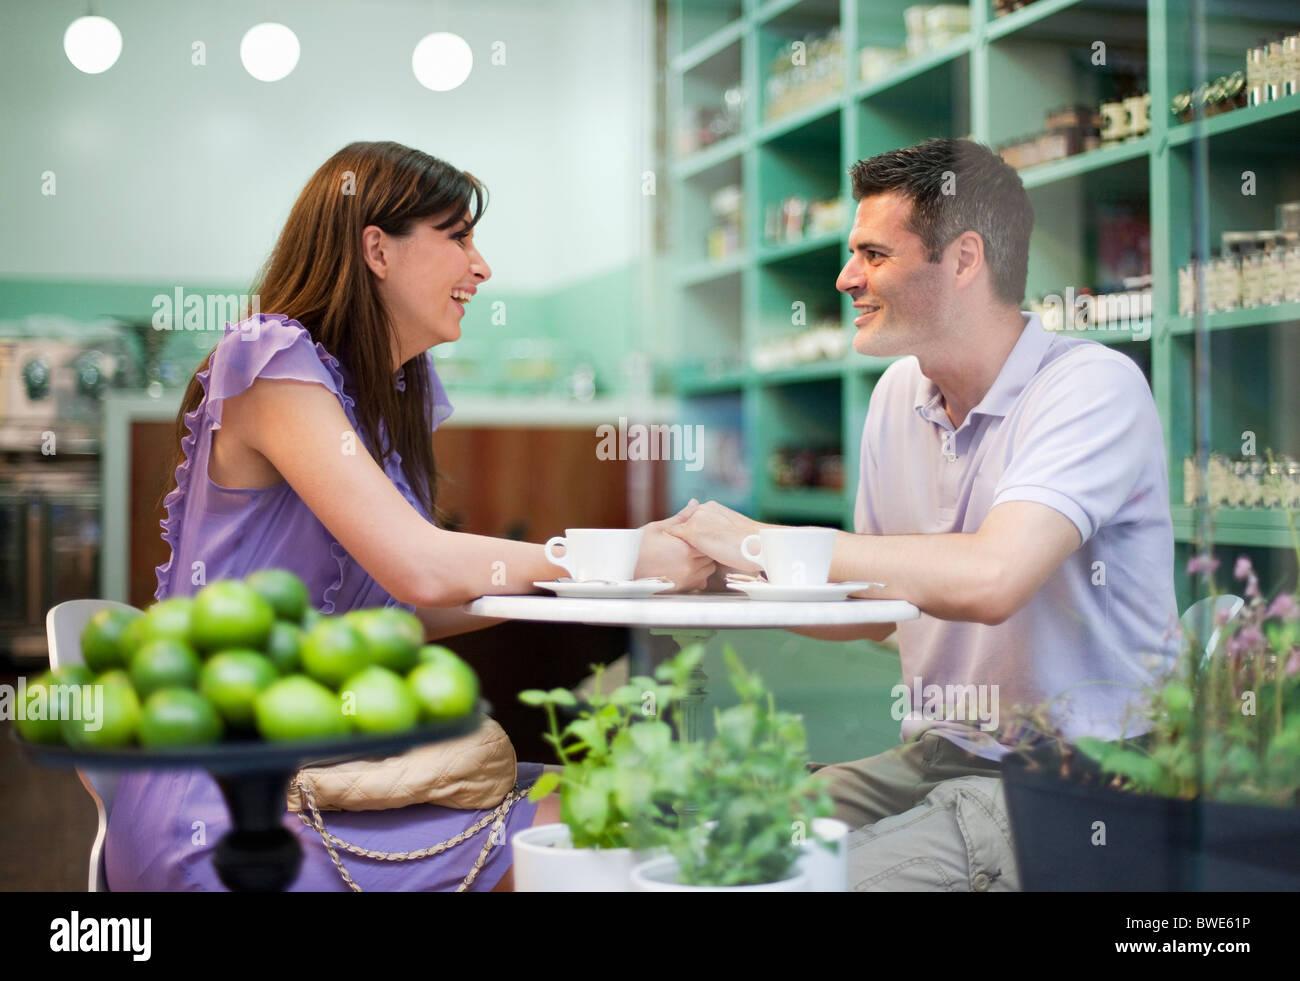 Couple in cafÈ store Stock Photo